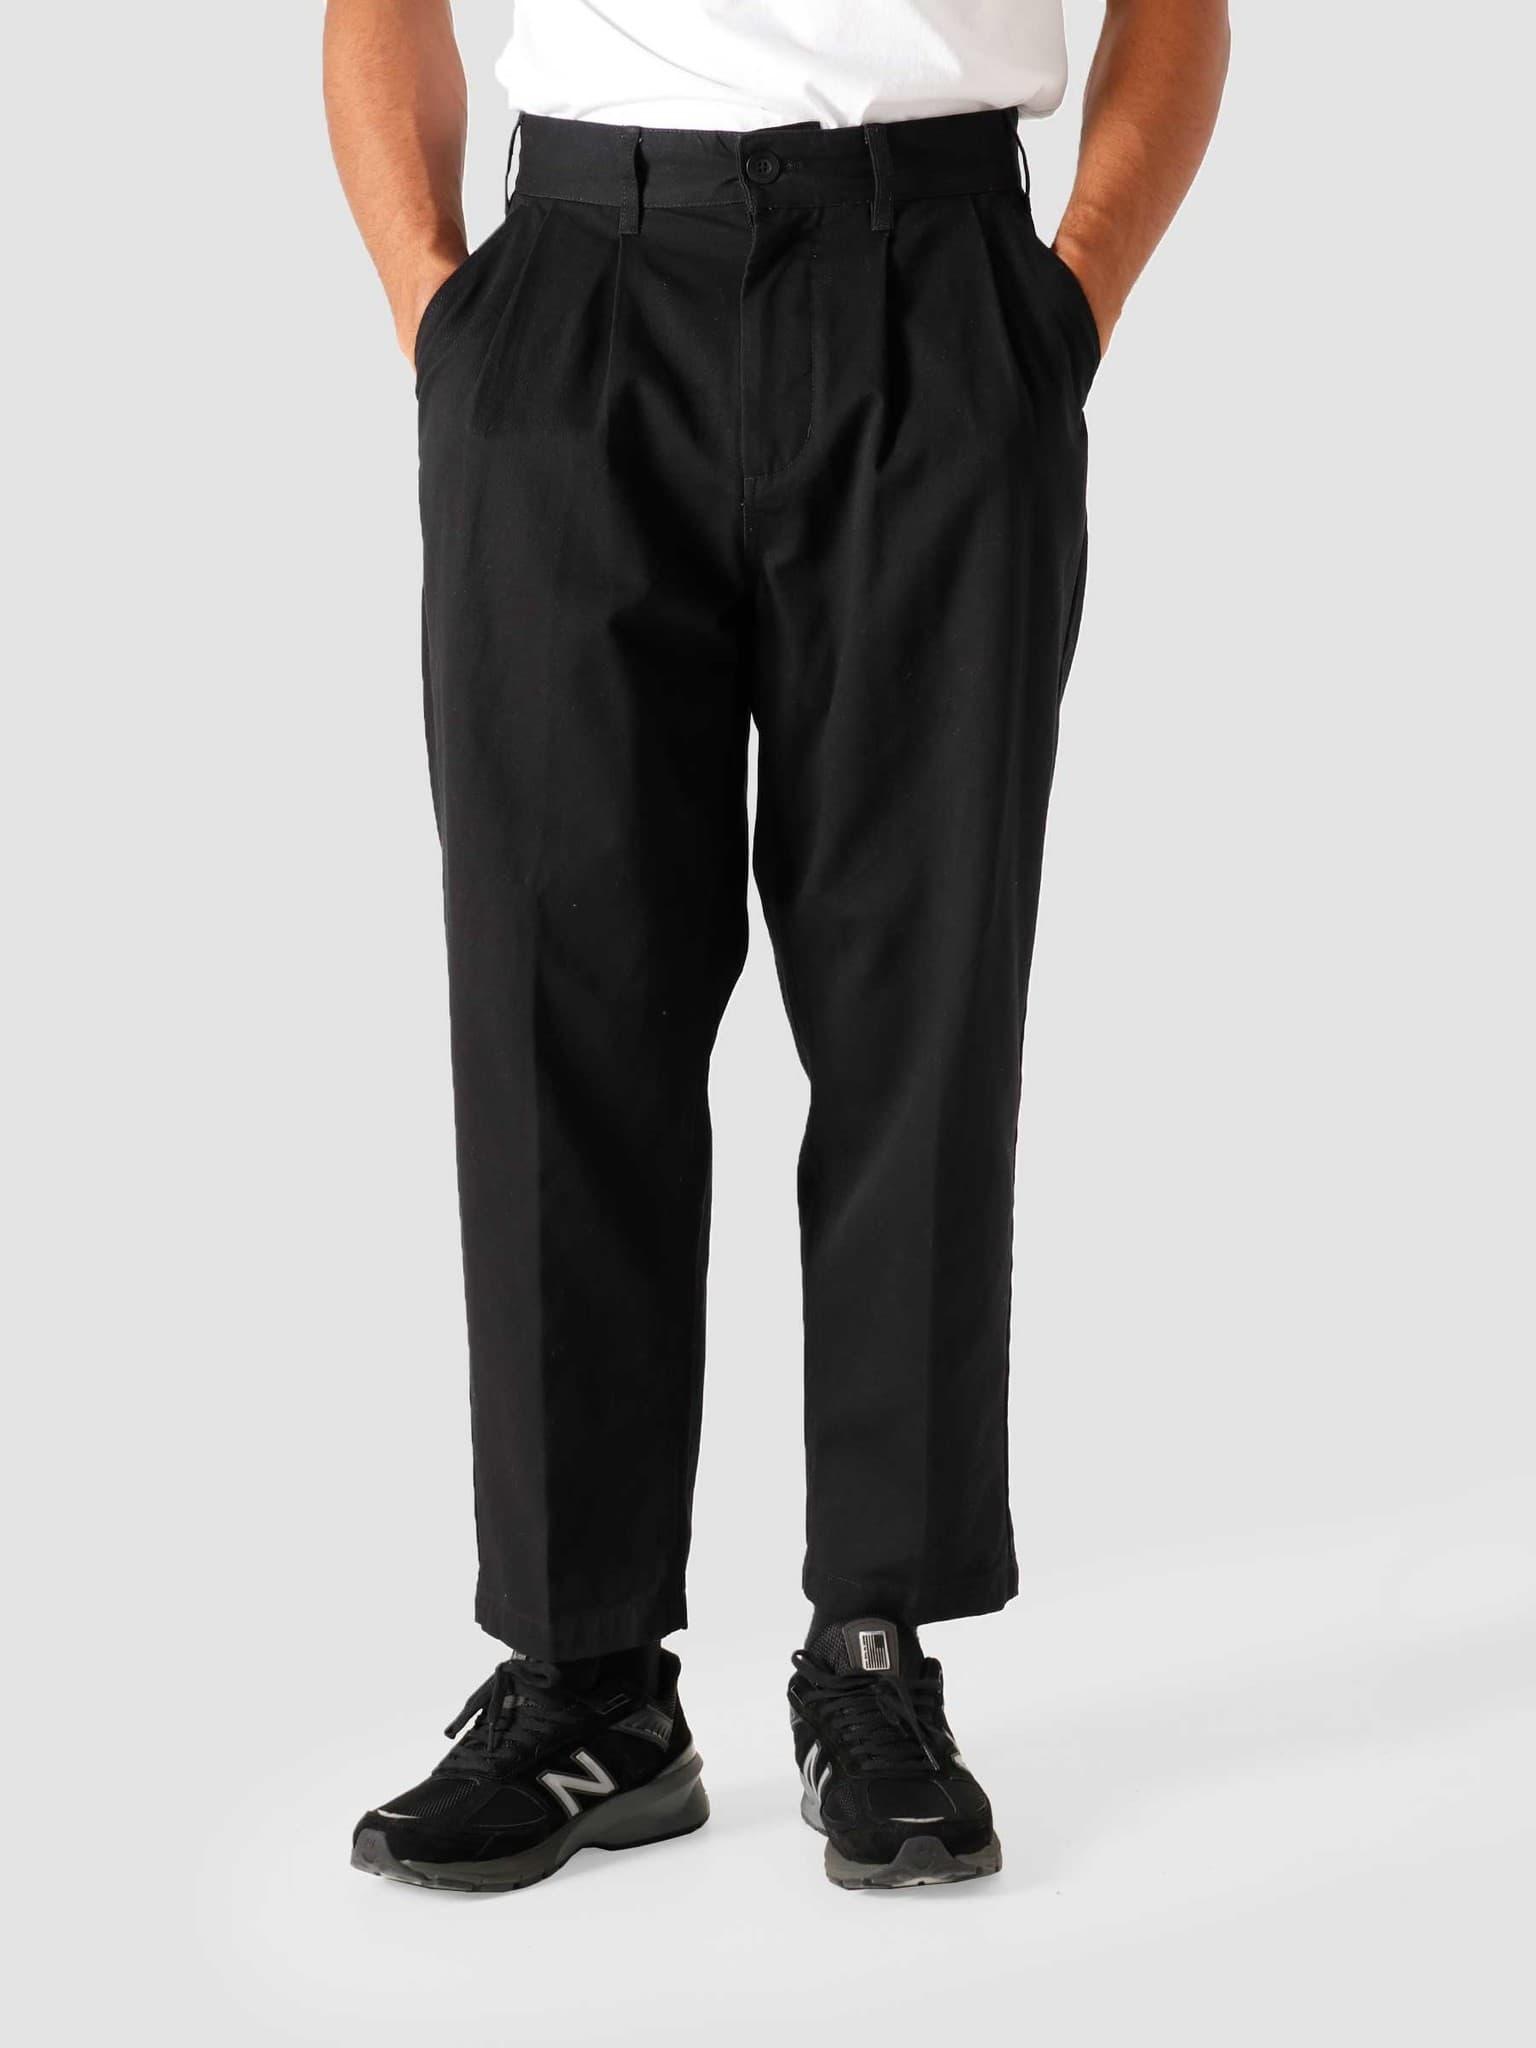 Fubar Pleated Pant Black 142020106